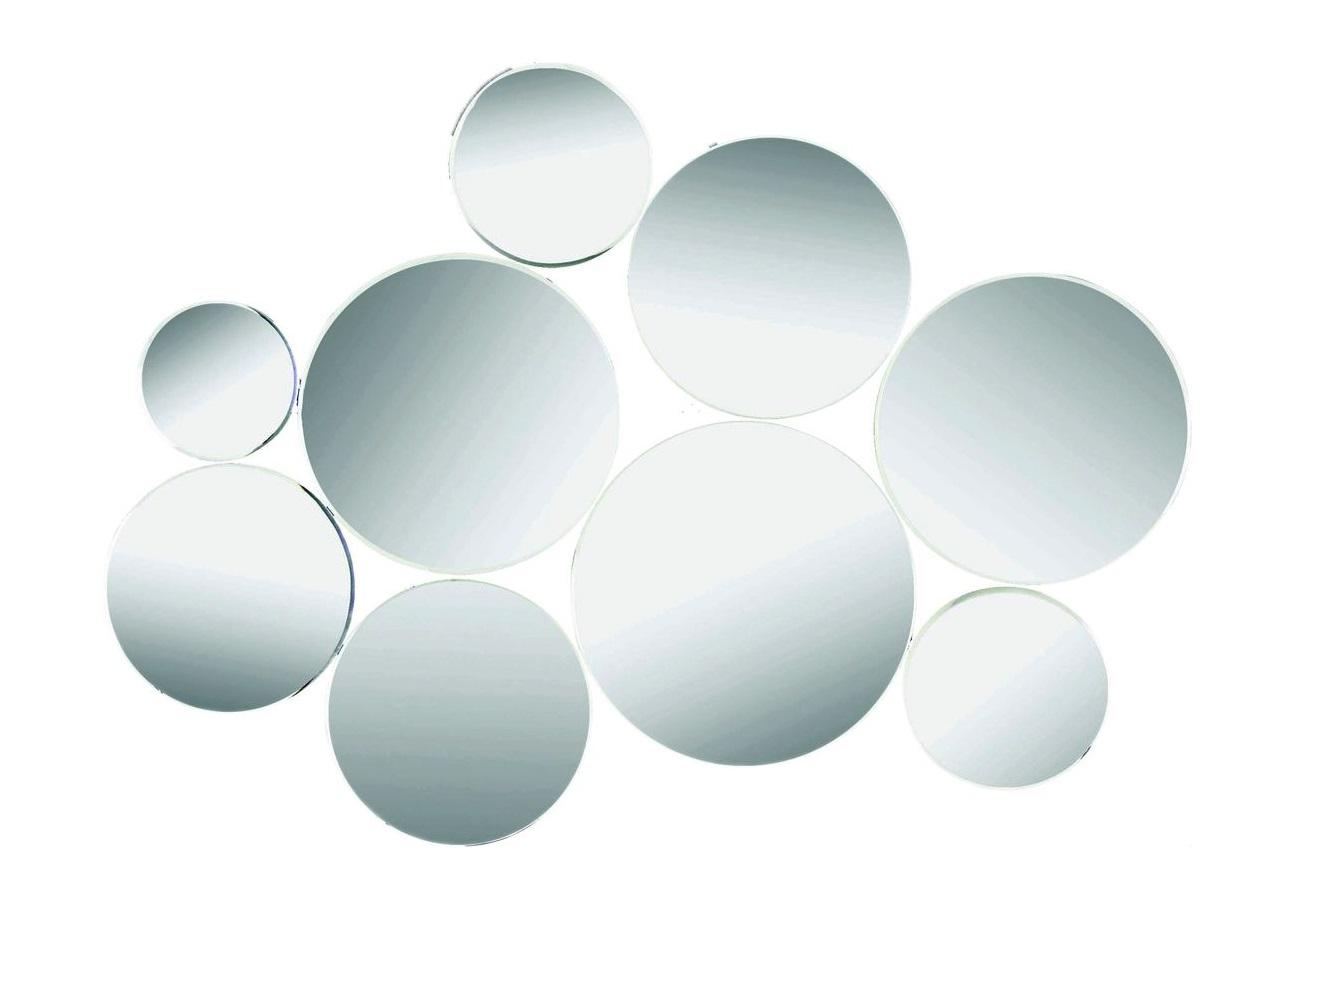 ЗеркалоНастенные зеркала<br>Сочетание круглых зеркал разного размера. Более крупные элементы расположены ближе к середине, более мелкие -- по краям. Благодаря этому композиция кажется лекой, воздушной.<br><br>Material: Стекло<br>Ширина см: 90<br>Высота см: 90<br>Глубина см: 1